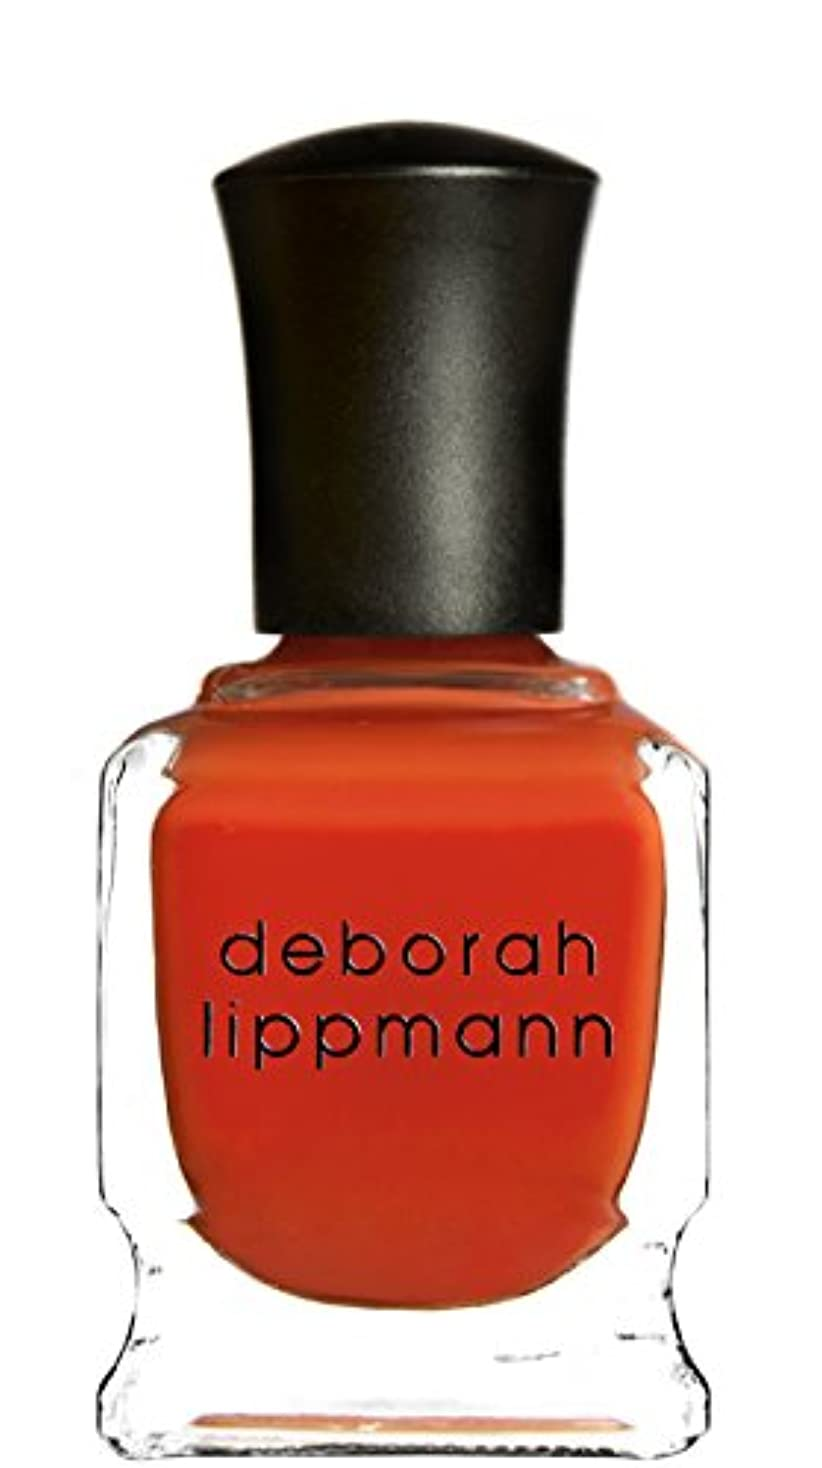 比類のない動作荒れ地[Deborah Lippmann] デボラリップマン DON'T STOP BELIEVIN' ドント ストップ ビリービン 色:レッドオレンジ ネイルカラー系統:赤 15mL